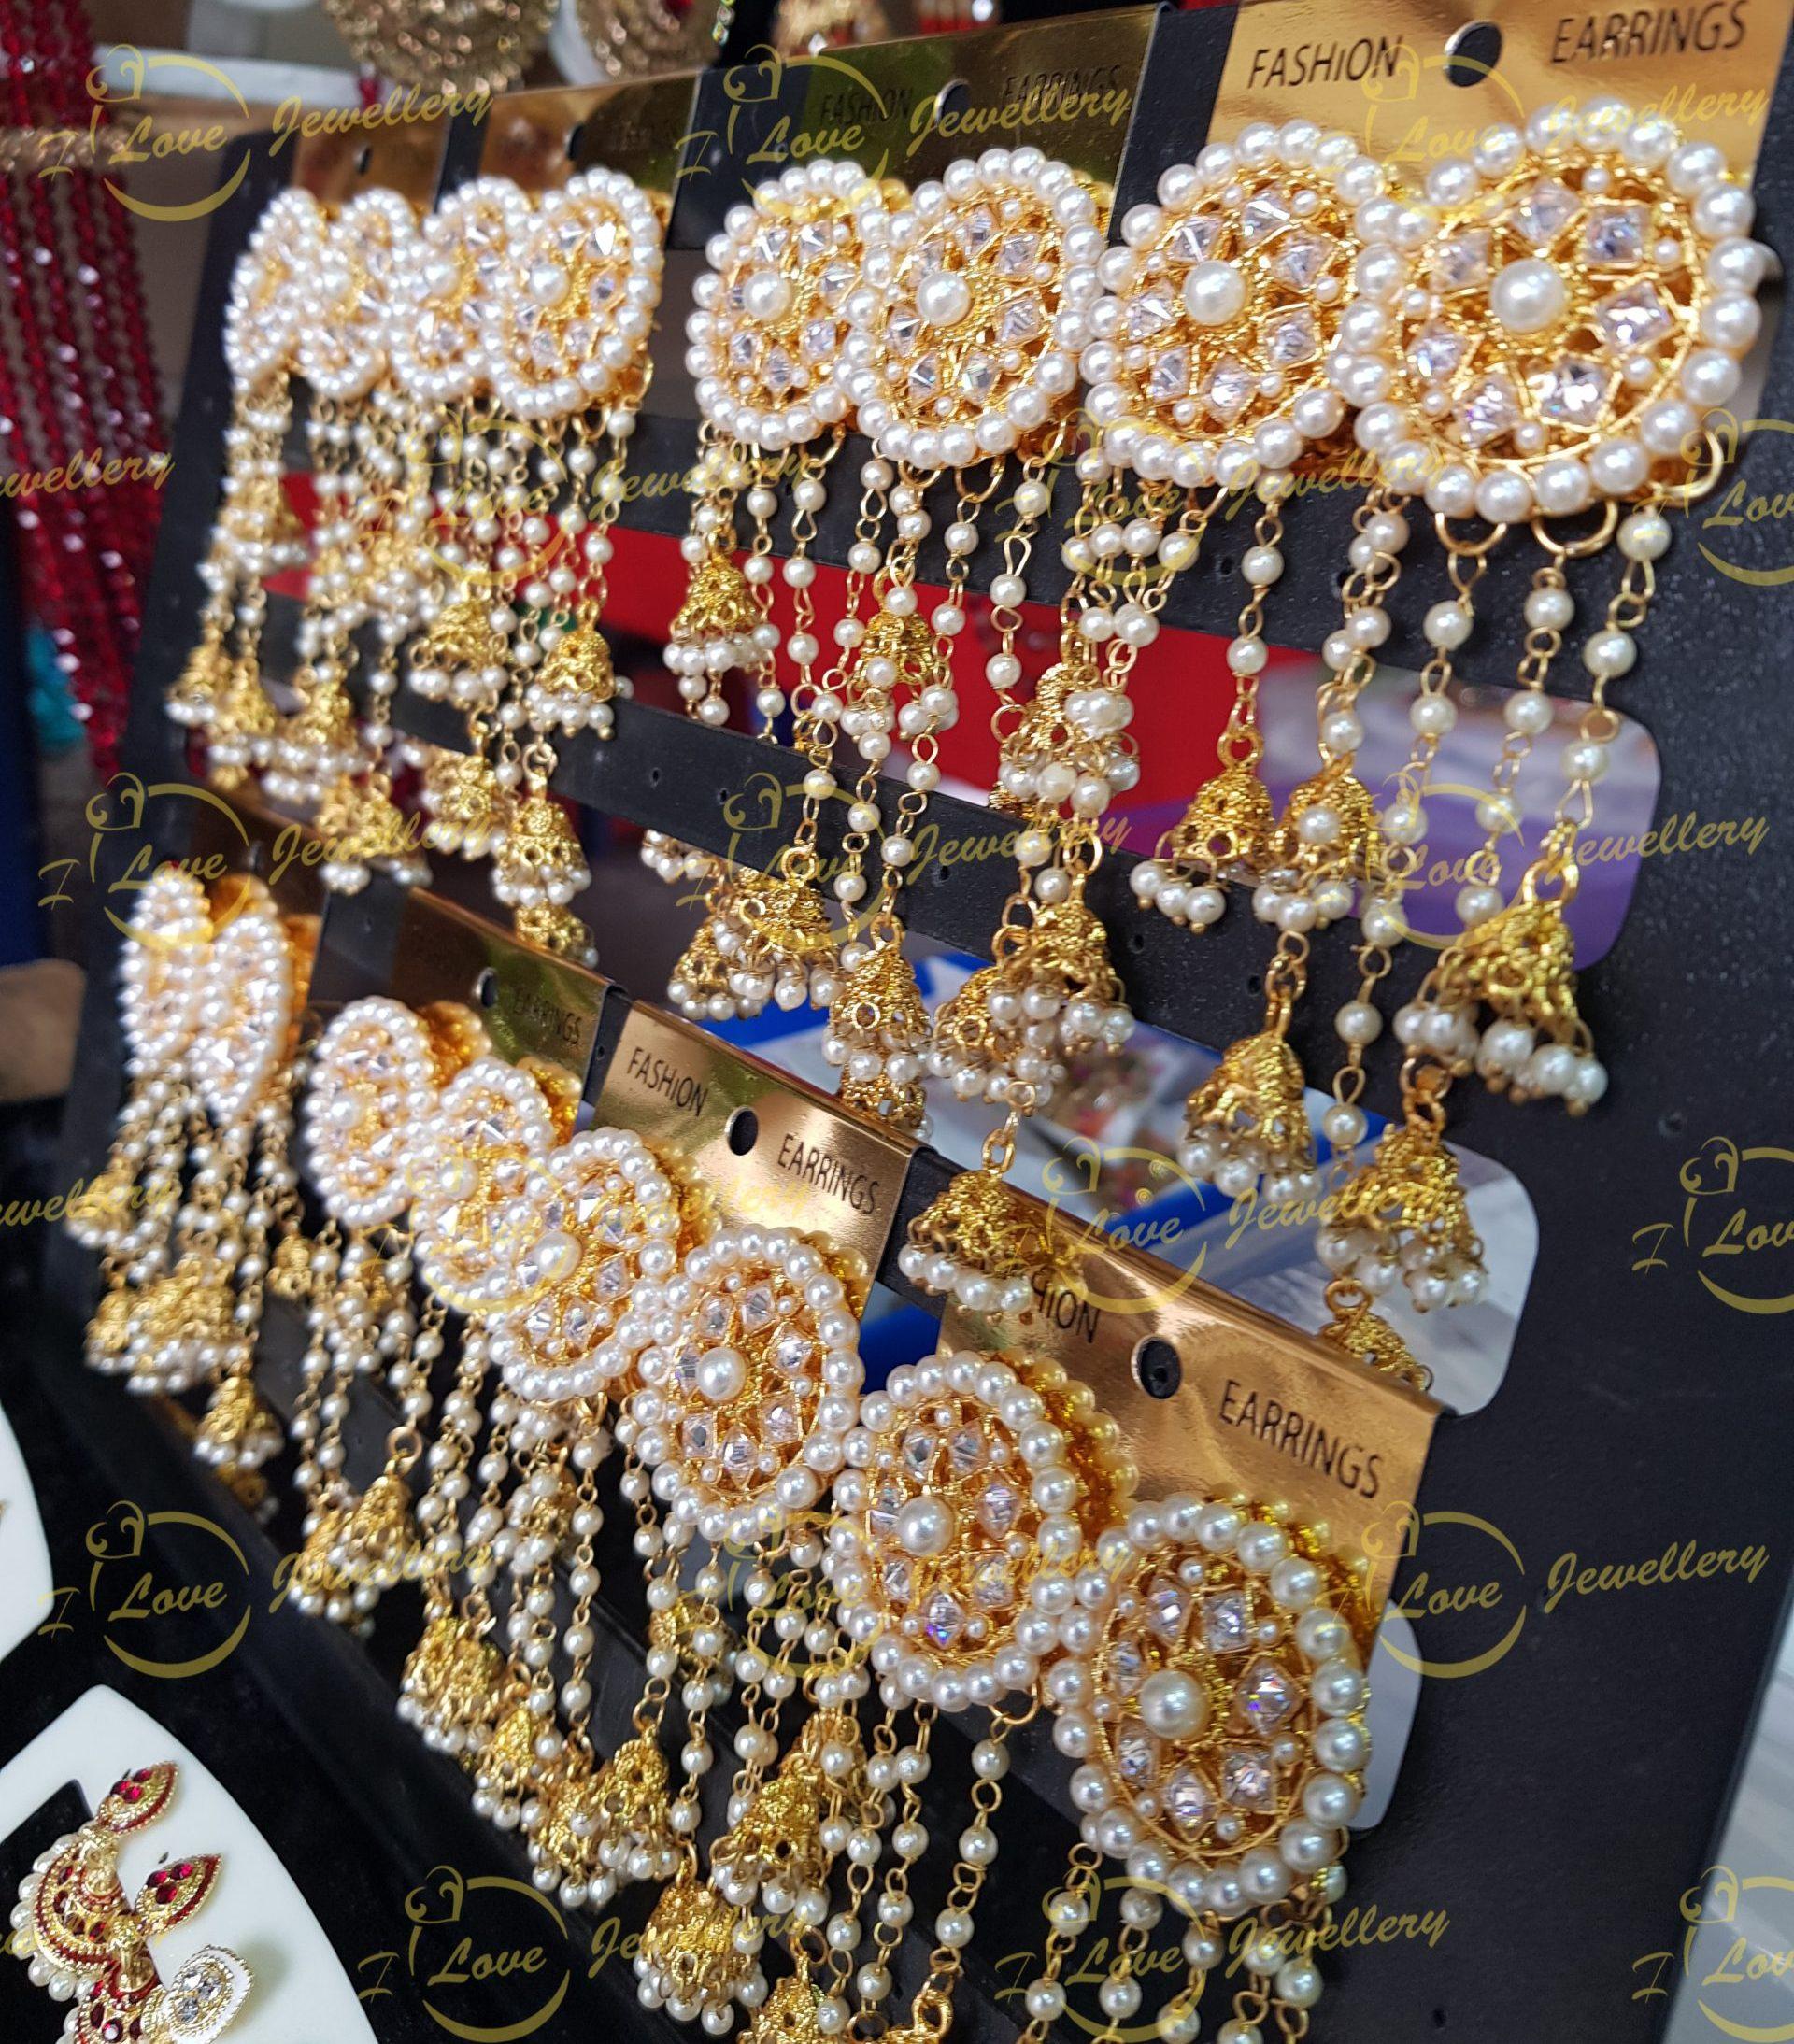 long earrings - bahu bali earrings - golden earrings - bridal earrings - wedding earrings - party earrings - wholesale Pakistani jewellery - bespoke Pakistani jewellery